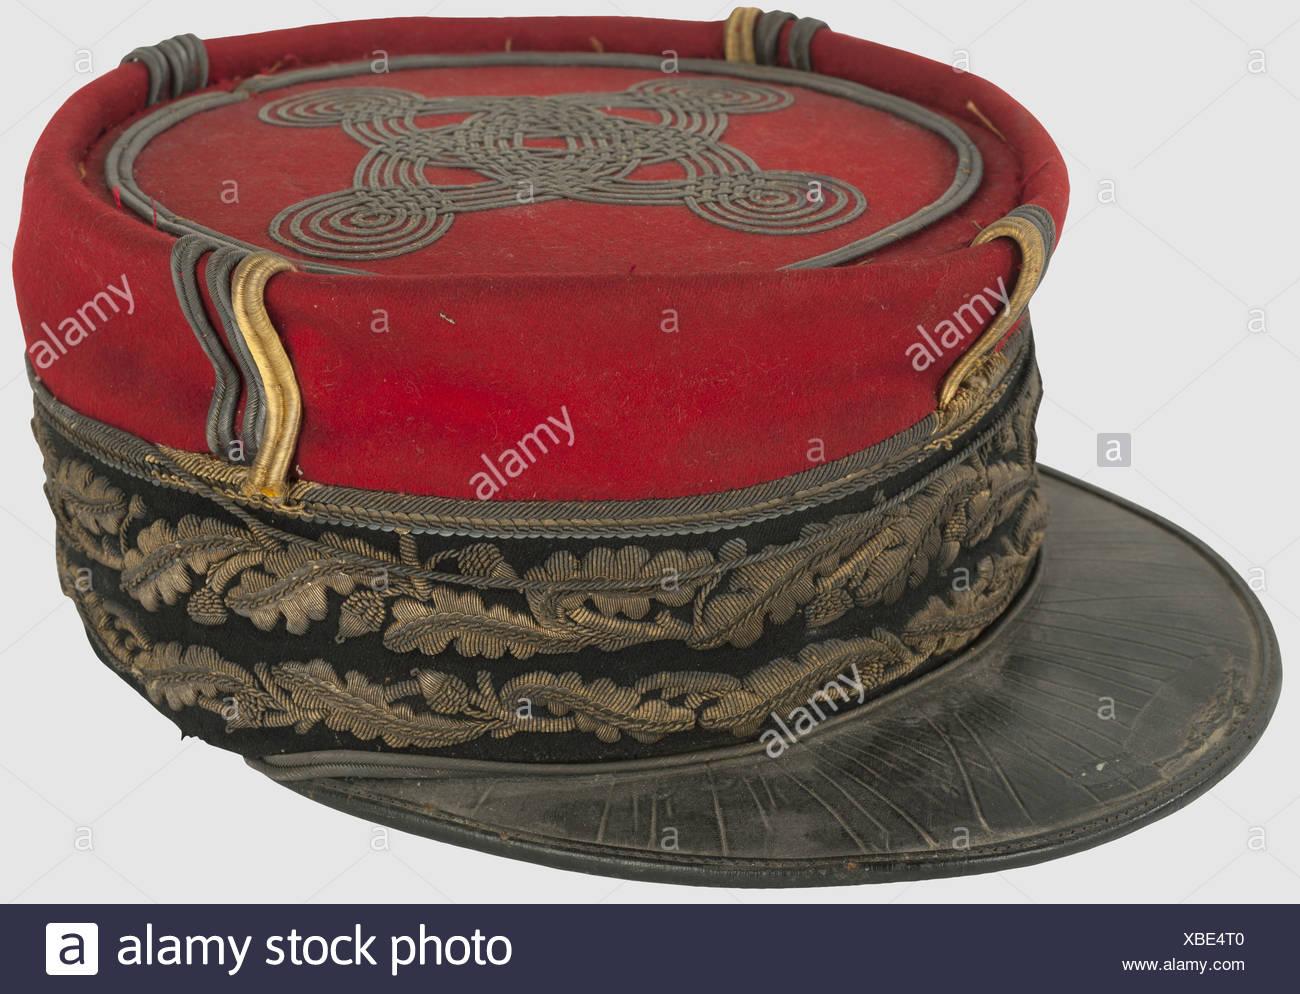 Le PREMIÈRE GUERRE MONDIALE, l'ensemble de général de division, vers 1892-1914, Képi de général de division. Calot et turban en drap rouge, bikini de drap noir brodé en cannetille ou sur deux rangs de feuilles de chêne, visière en cuir noir et dessous vert avec soutache ou sur la couture, noeud hongrois à 4 brins et les ailettes verticales en soutache soutaches, ou intérieur en soie dorée décousu. Etat moyen avec visière de cuir craquelé, un galon décousu, ternes exposera et traces de restaurations dans la broderie (dorure plus vive) et 3 soutaches verticales remplacées, , Additional-Rights-Clearences-NA Photo Stock